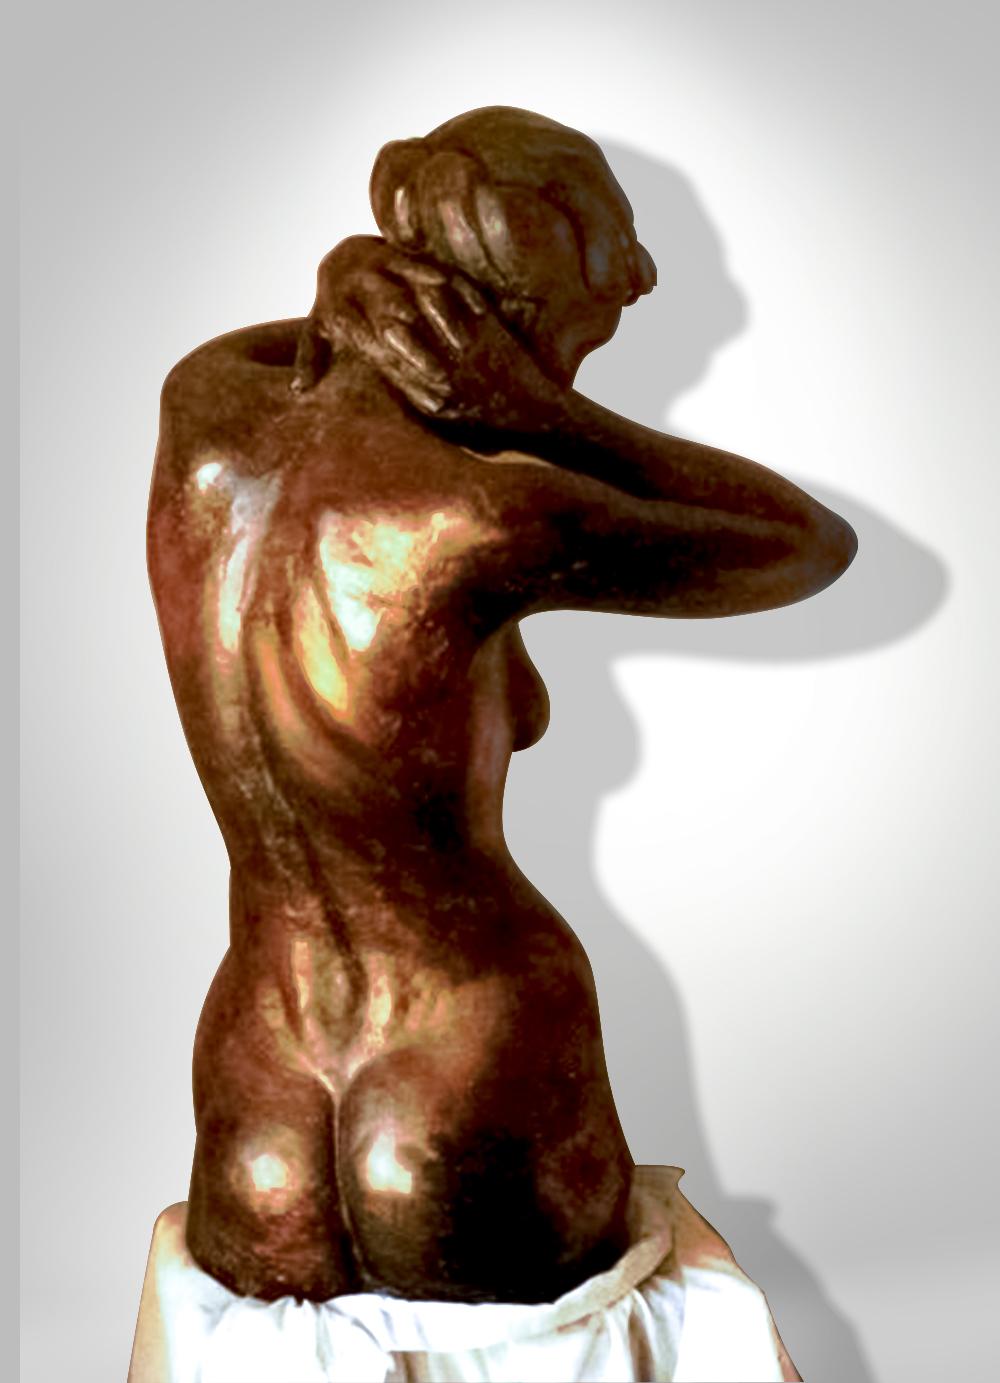 Escultura-Femenina-Bronce-B-Figurativo-Realista-RD.Escultor